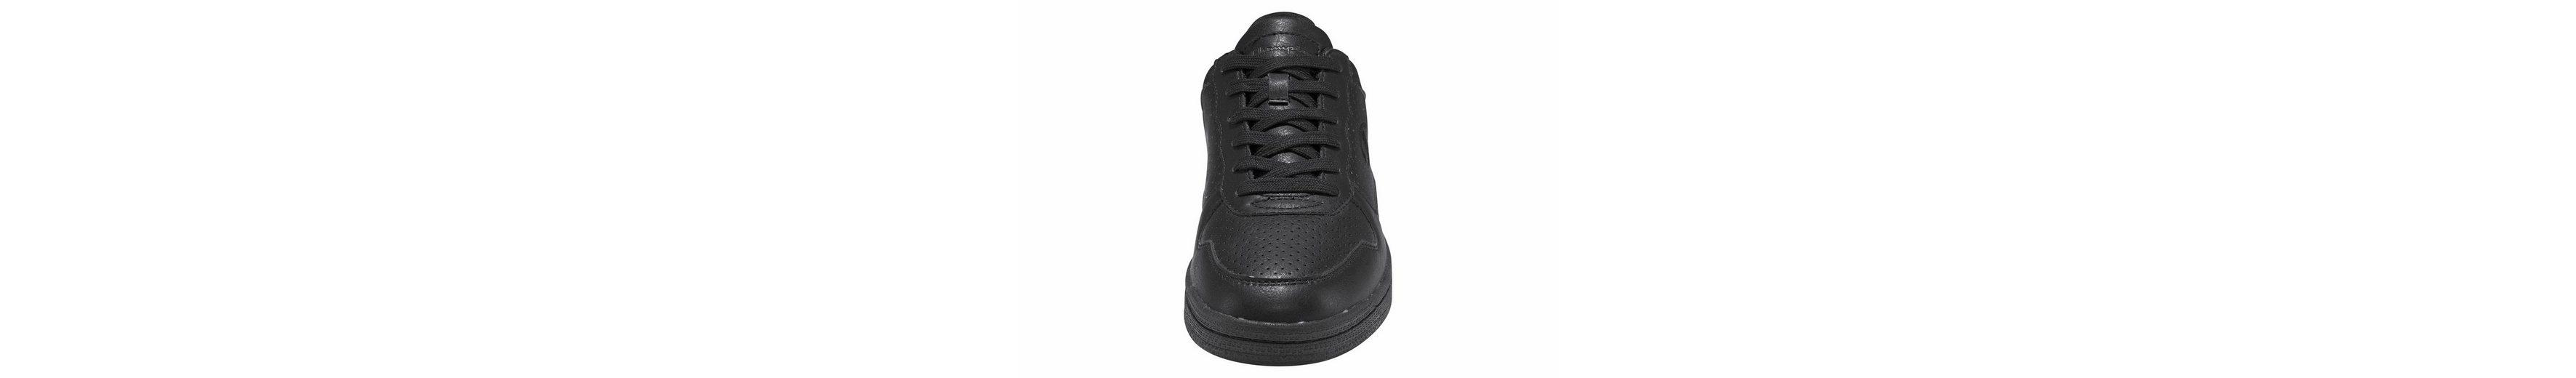 Billig Verkauf Für Billig Spielraum Offizielle Seite Champion Chicago Basket Low Sneaker Angebote Online Auslasszwischenraum Standorten hRCDnfuo9